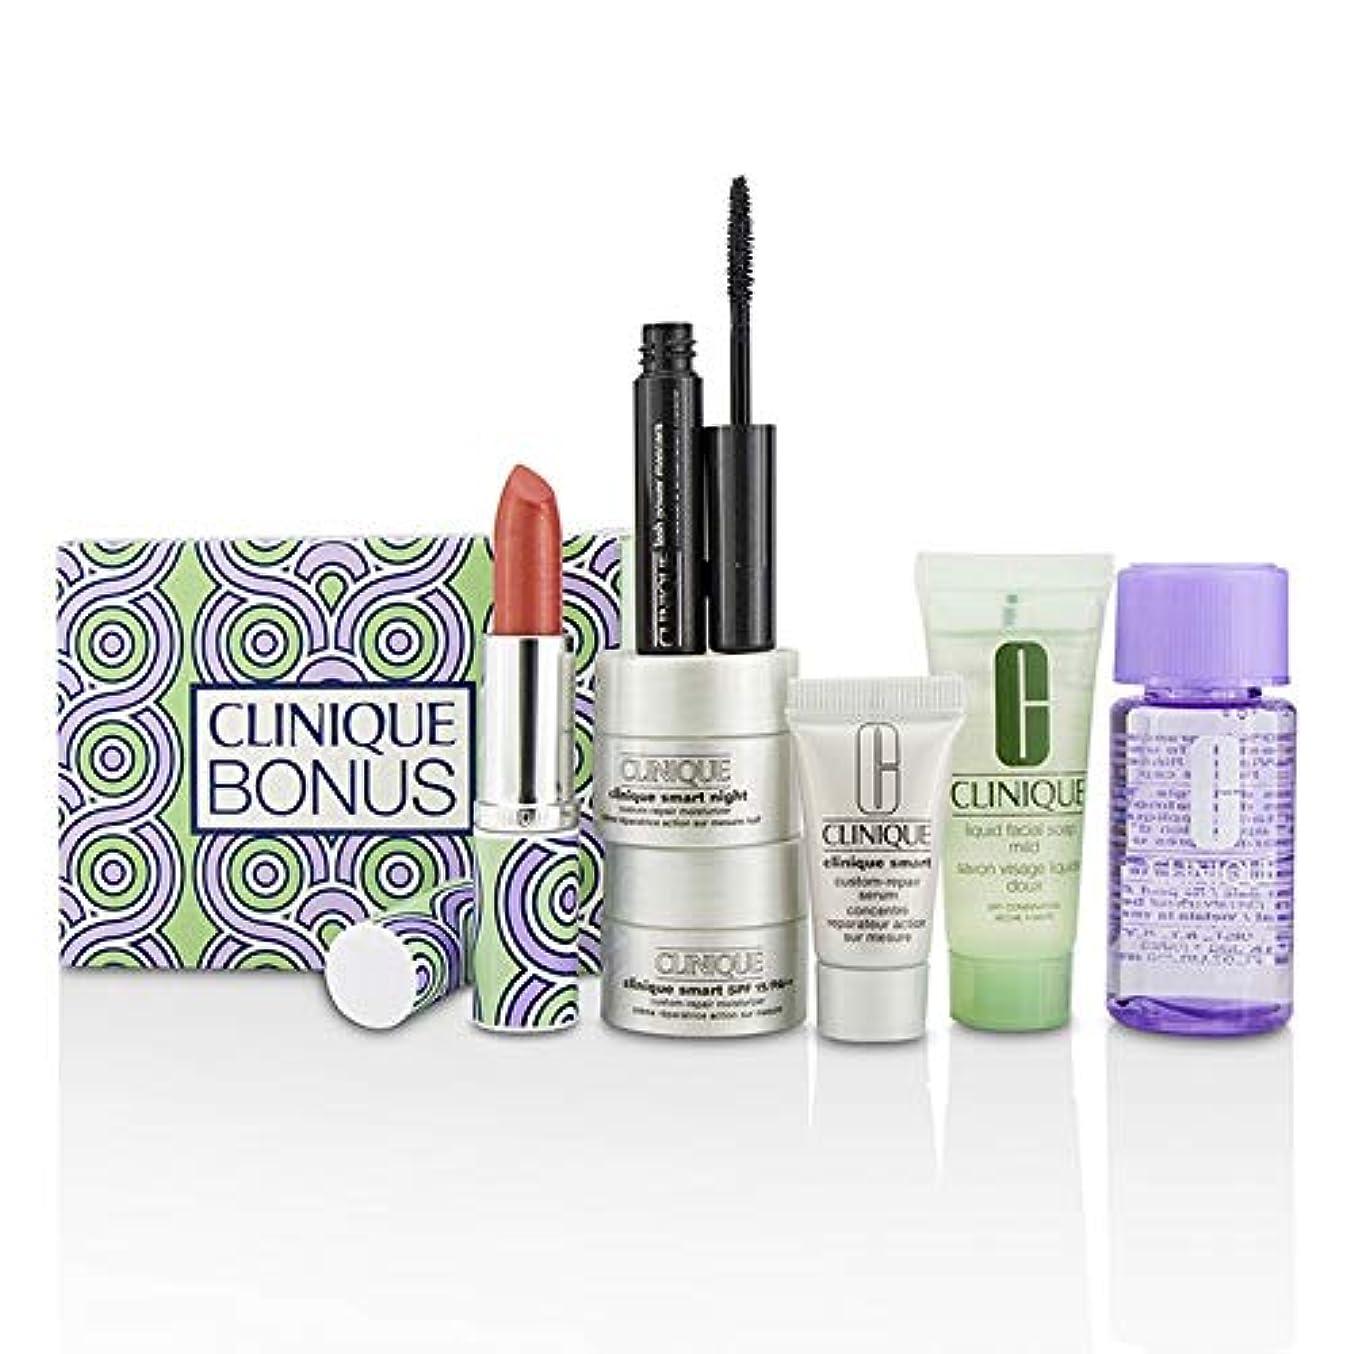 できた野生ピッククリニーク Bonus Travel Set: M/U Remover + Facial Soap + Repair Serum + 2x Moisturizer + Mascara + Lip Color 7pcs並行輸入品